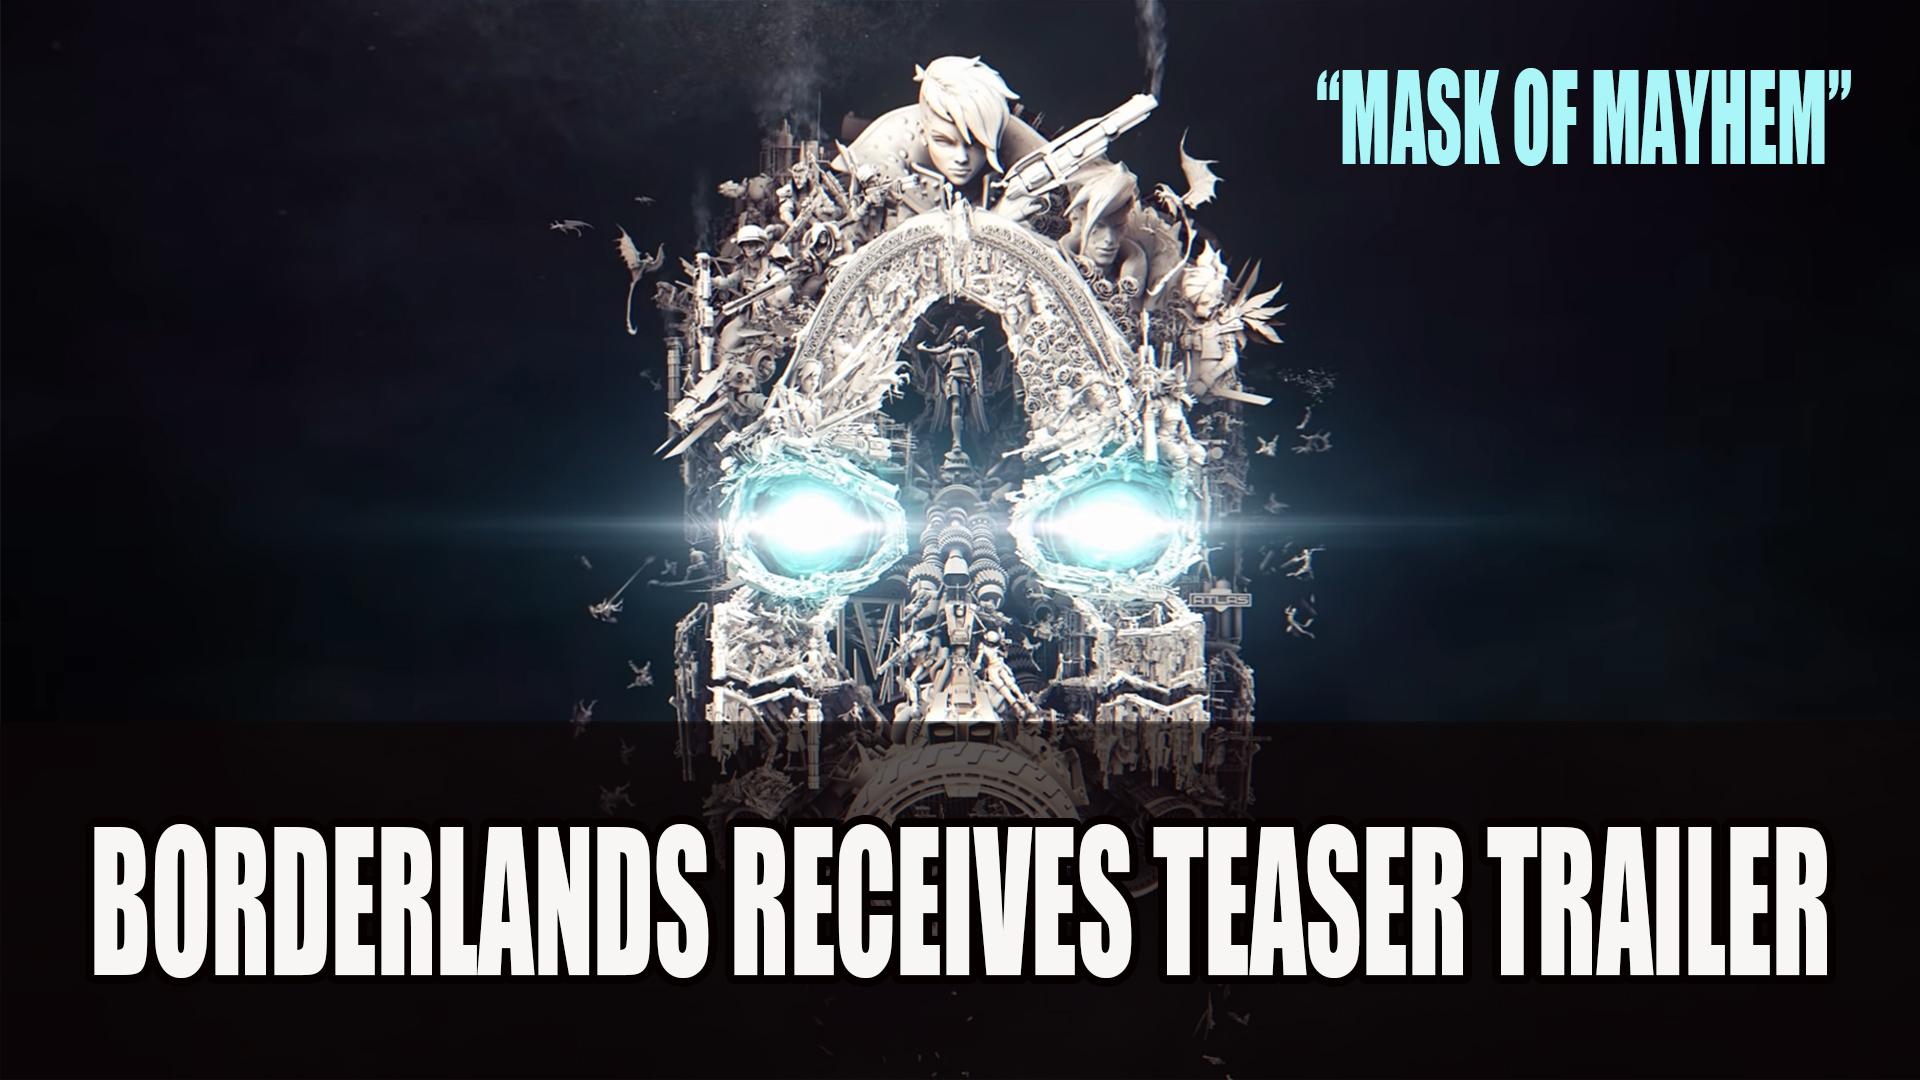 Borderlands Receives Teaser Trailer Featuring Mask Of Mayhem